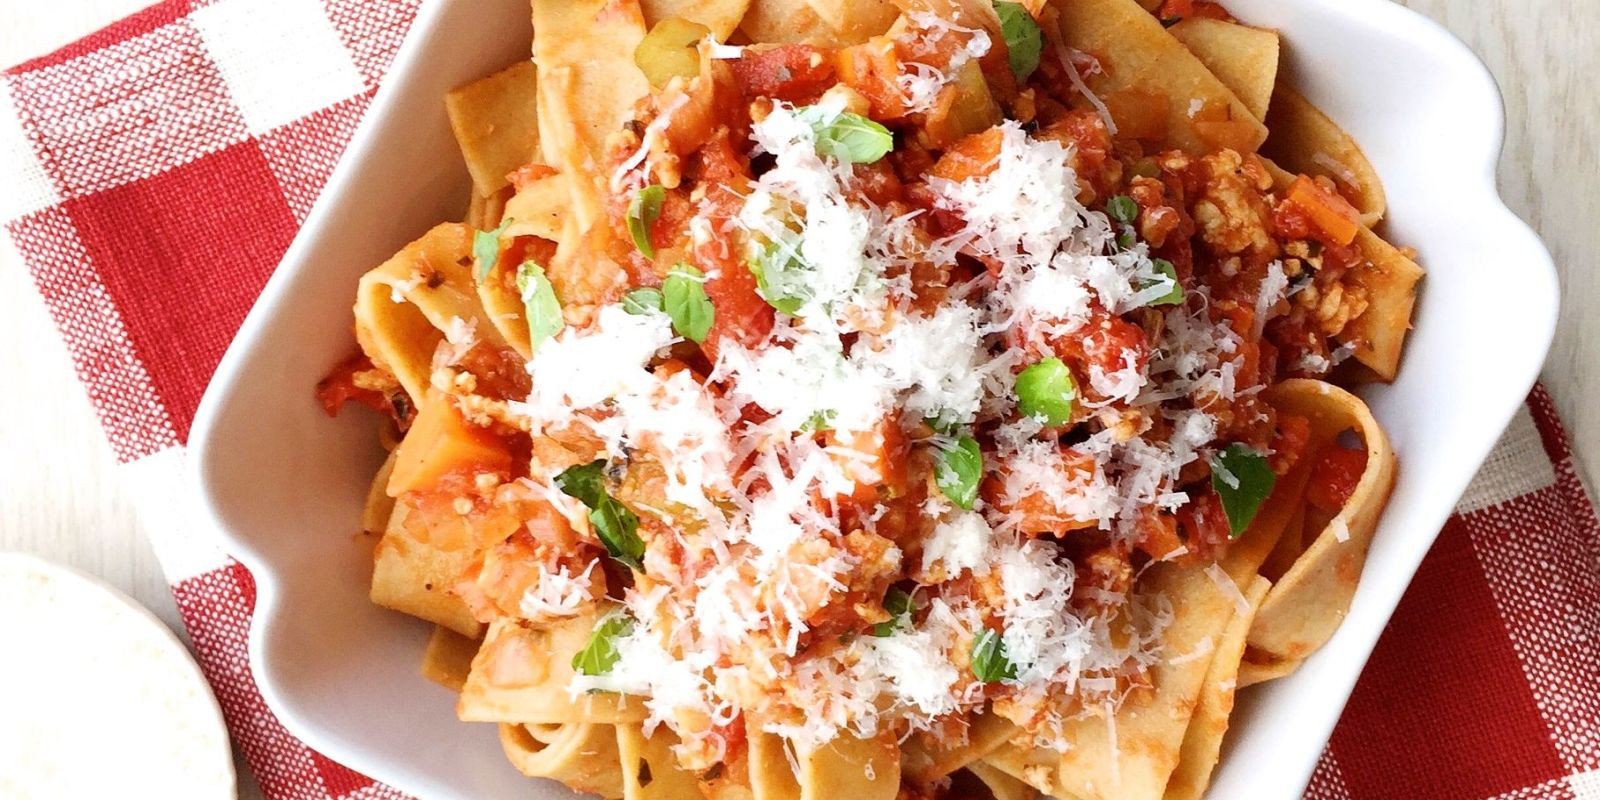 Pasta Dinner Ideas  70 Easy Pasta Recipes Pasta Dinner Ideas—Delish